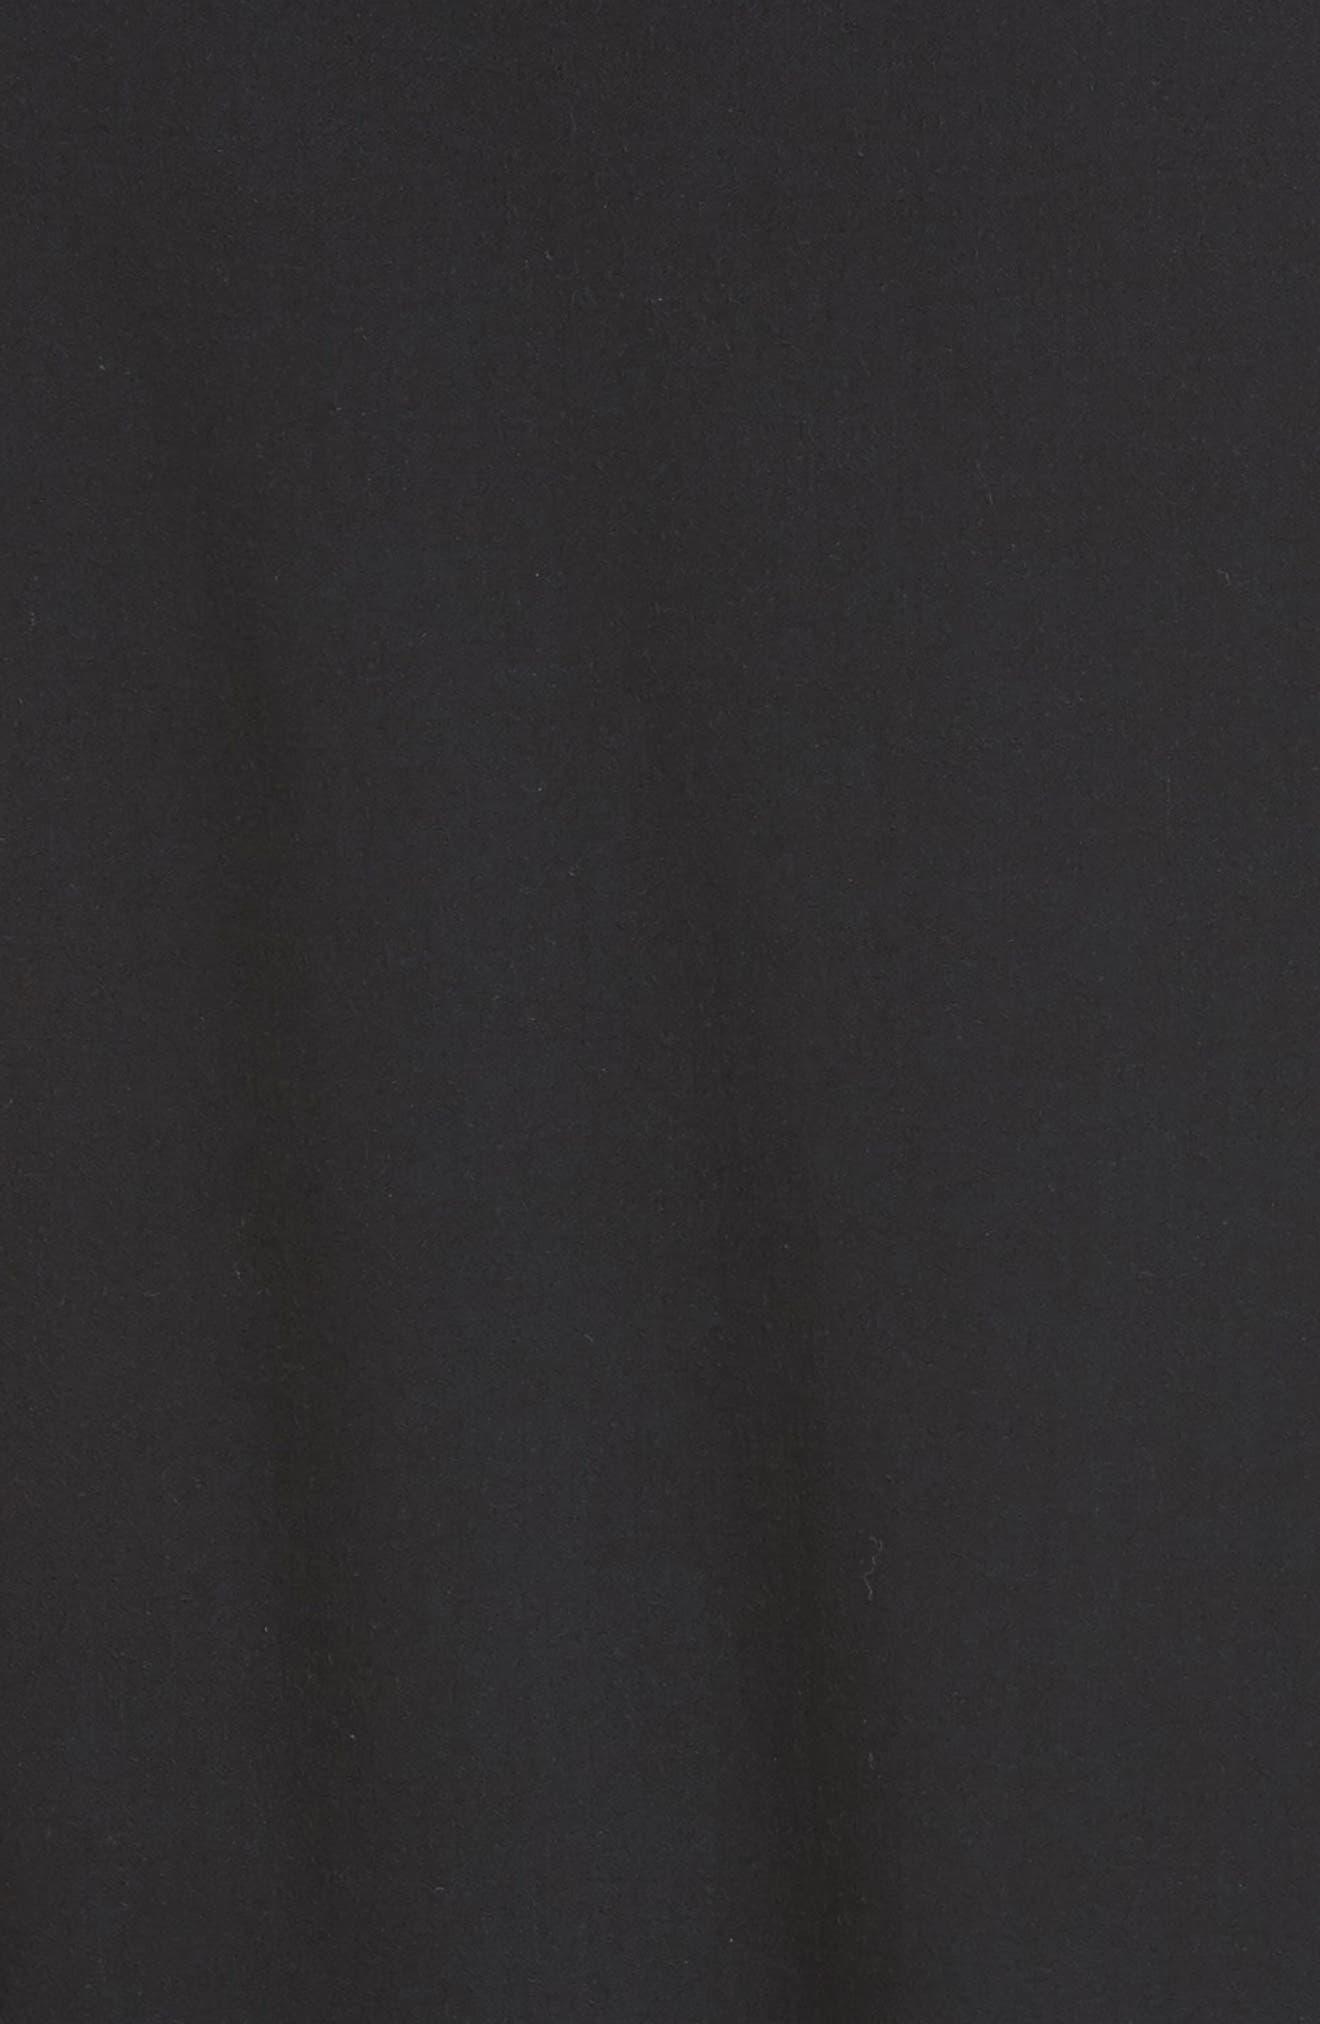 Regina Maxi Dress,                             Alternate thumbnail 6, color,                             001